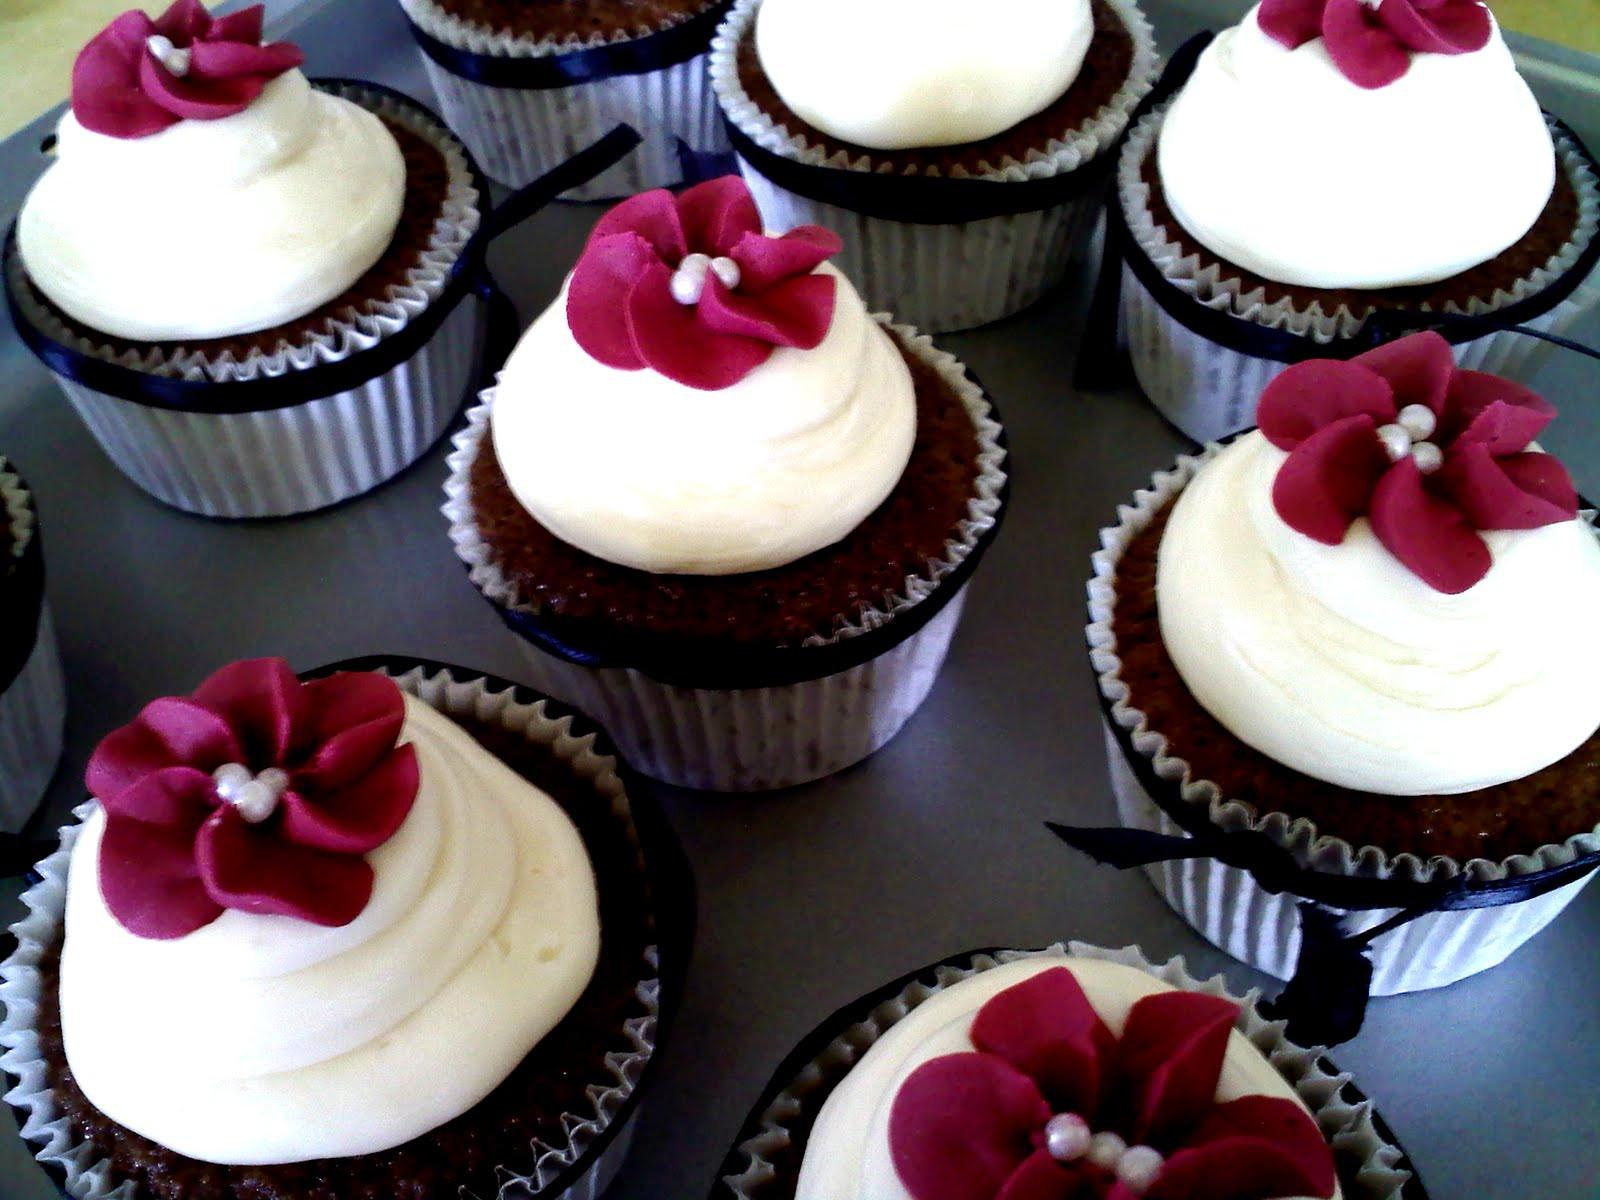 Bridal Shower Cupcakes  Bridal Shower Cupcakes The Delicious Dessert